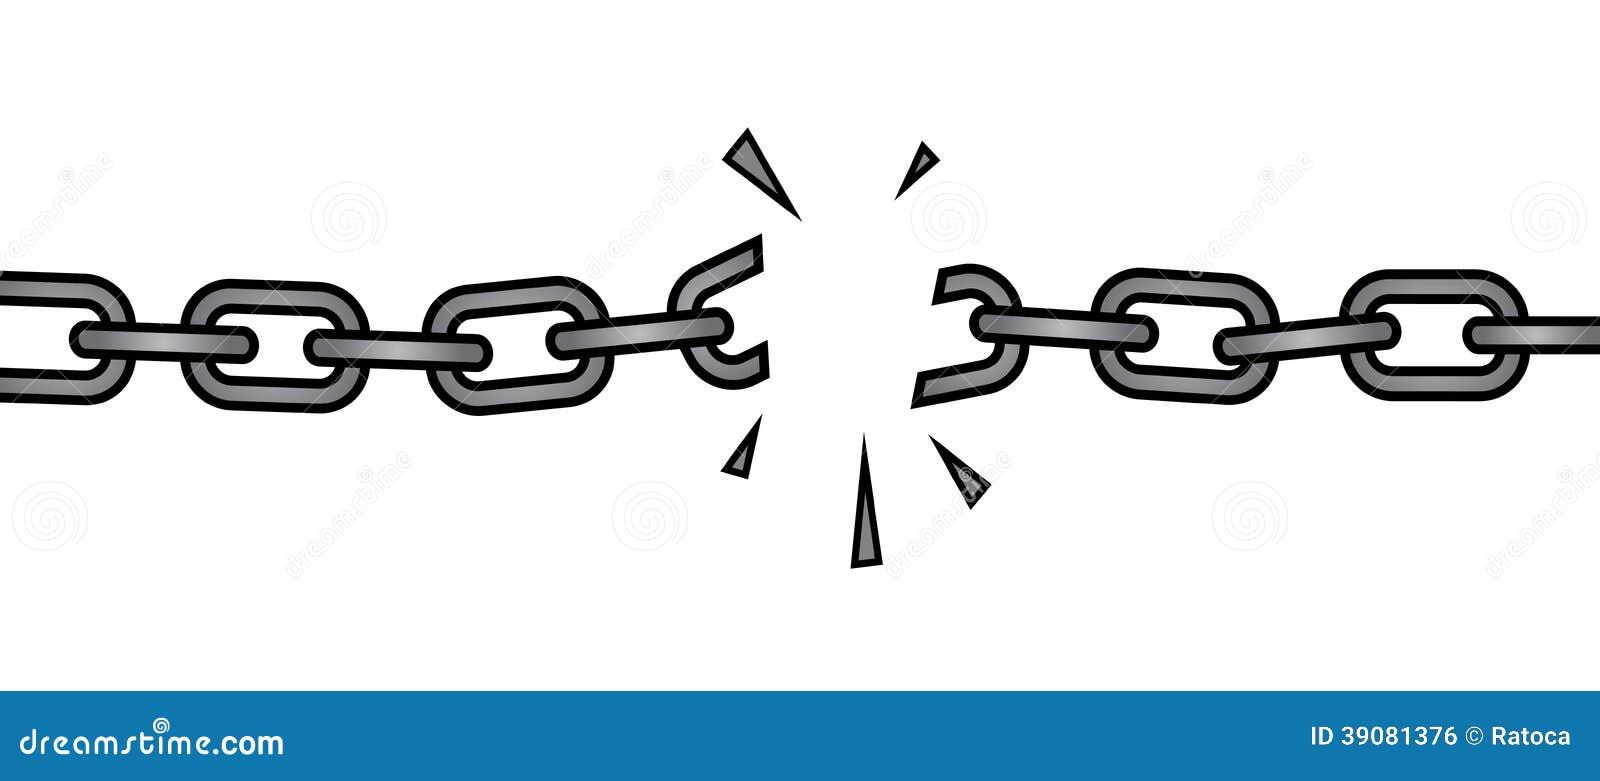 Broken Chain Stock Vector - Image: 39081376